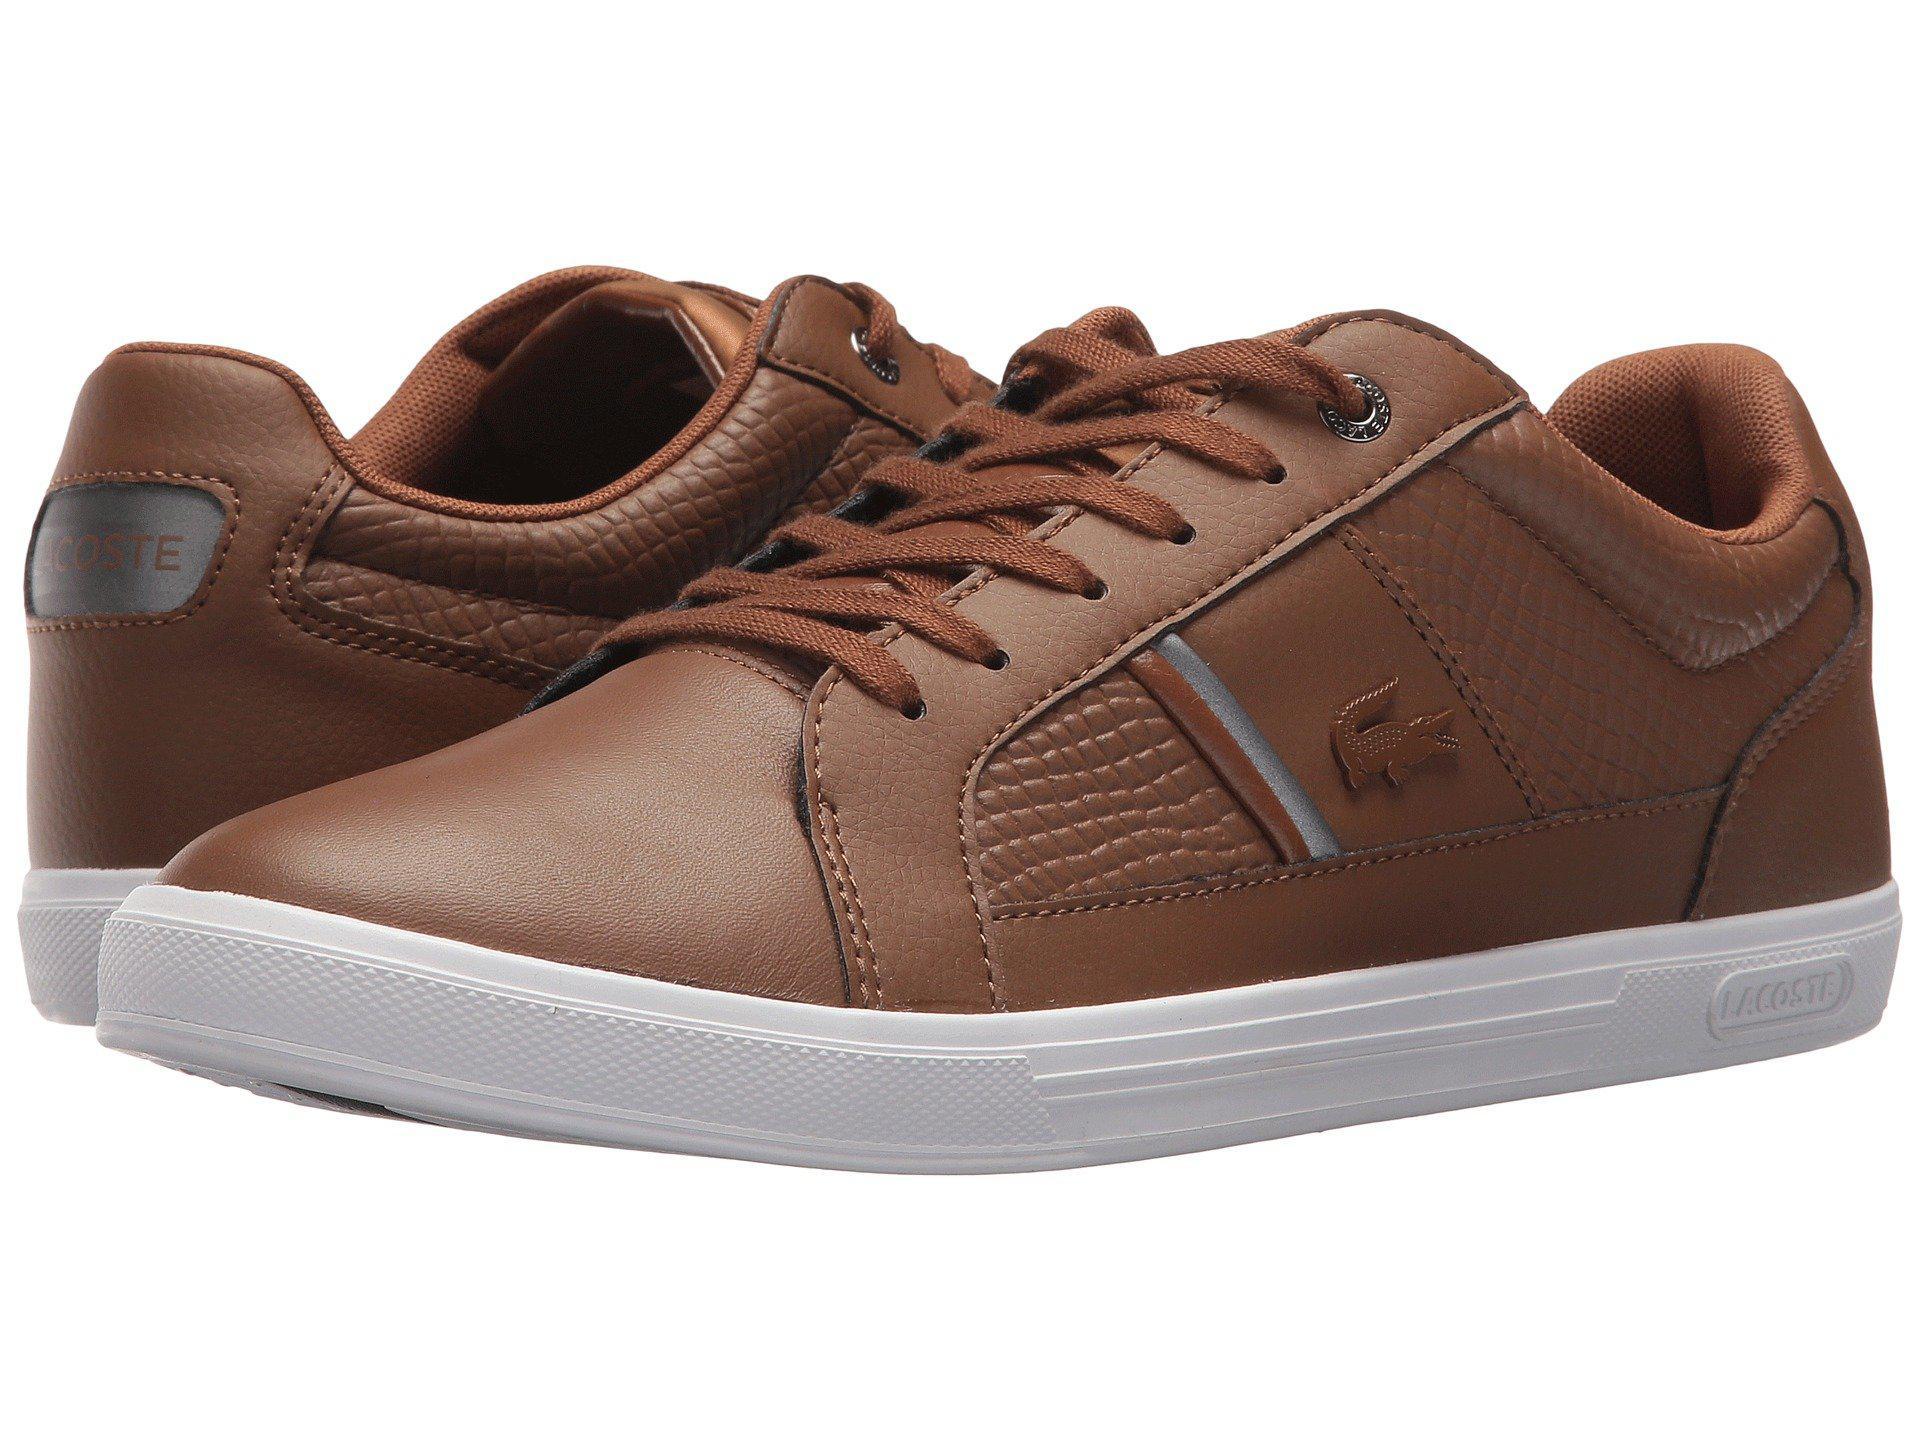 92870ea96d74 Lyst - Lacoste Europa 417 1 Sport (dark Brown) Men s Shoes in Brown ...